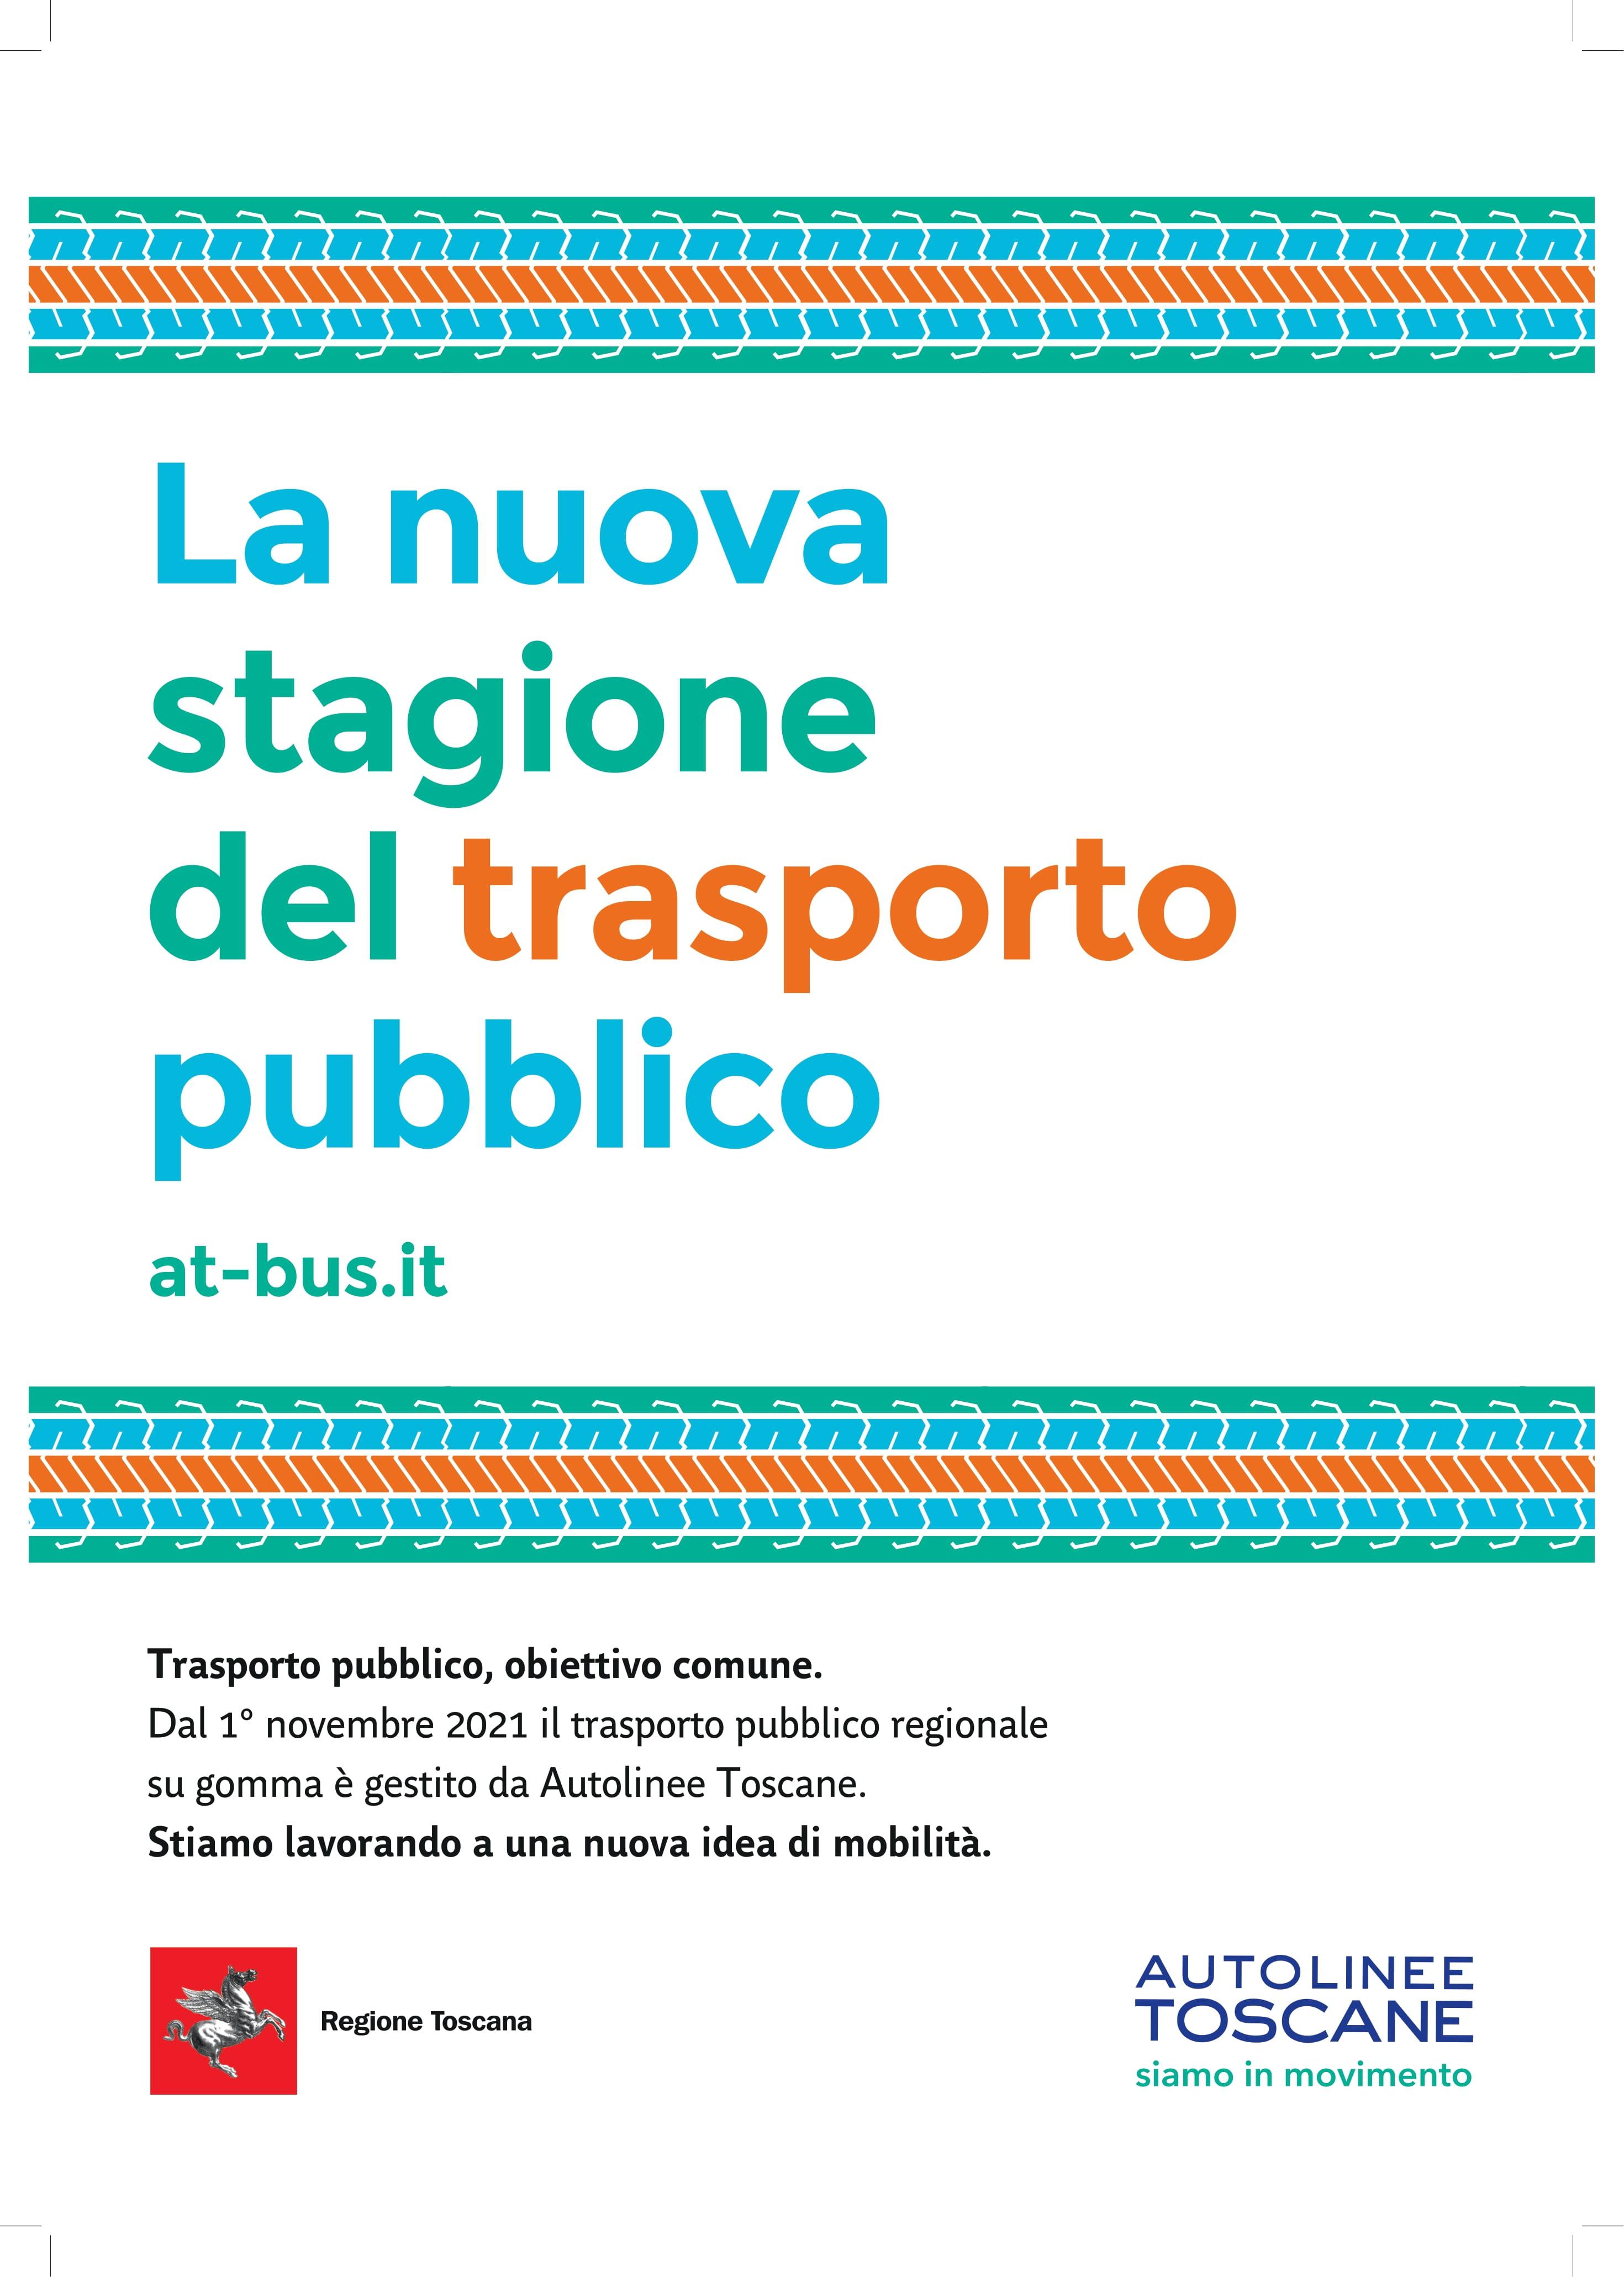 LA NUOVA STAGIONE DEL TRASPORTO PUBBLICO